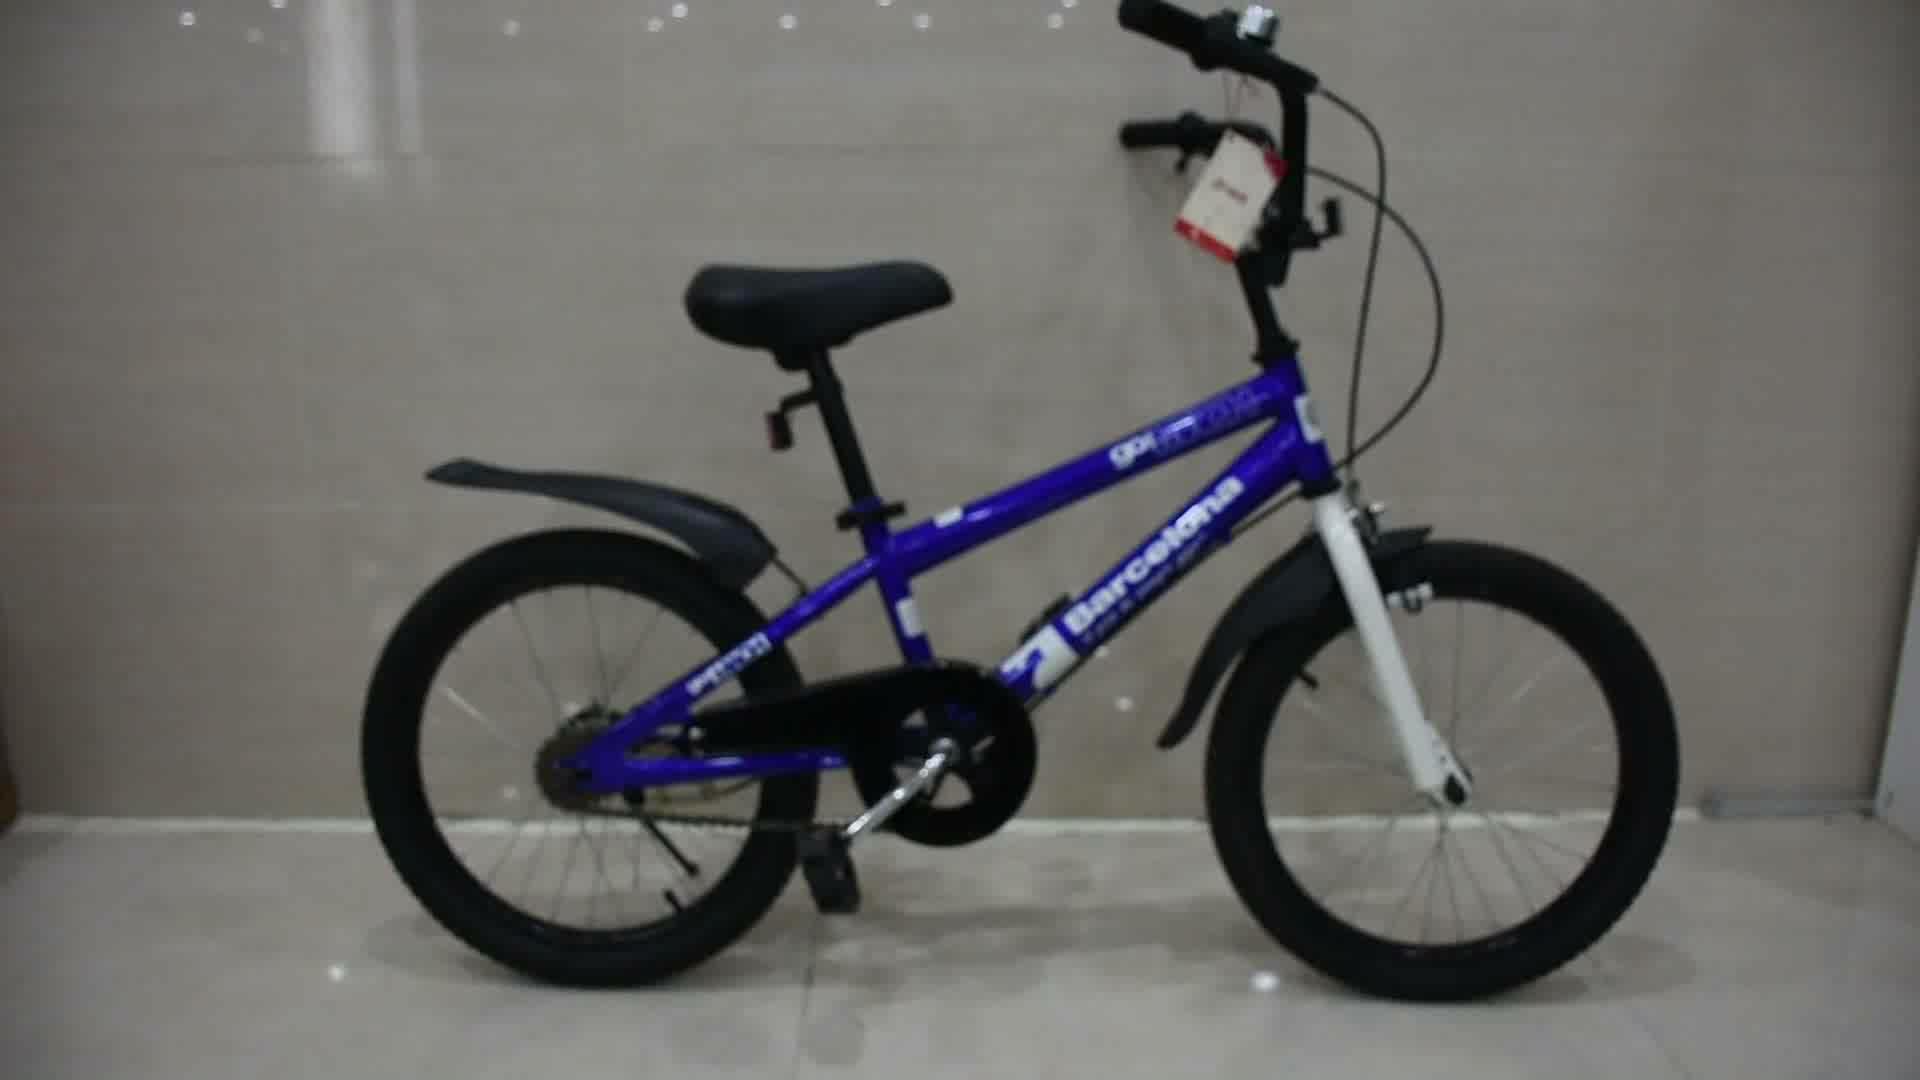 16 inch trẻ em xe đạp cho 12 năm tuổi trẻ em/ISO 8098 trẻ em xe đạp trẻ em xe đạp/samll xe đạp leo núi trẻ em trên đường dây bán